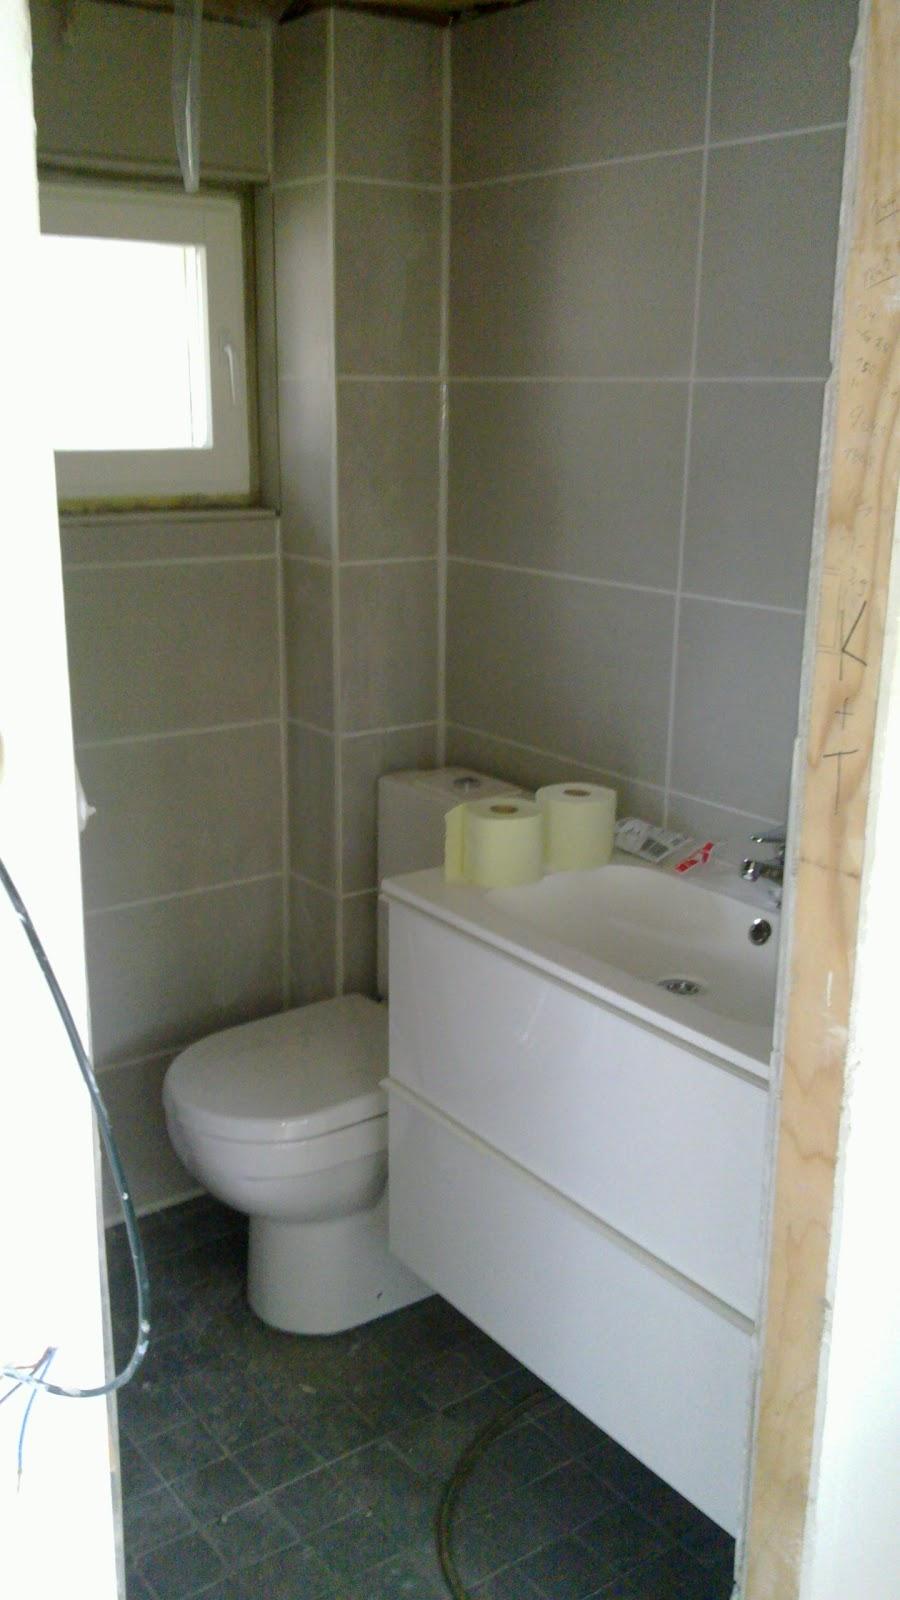 VANHAN TALON KUNNOSTUS: WC:n ikkunan ympäryksen laatoitus ja saumaus